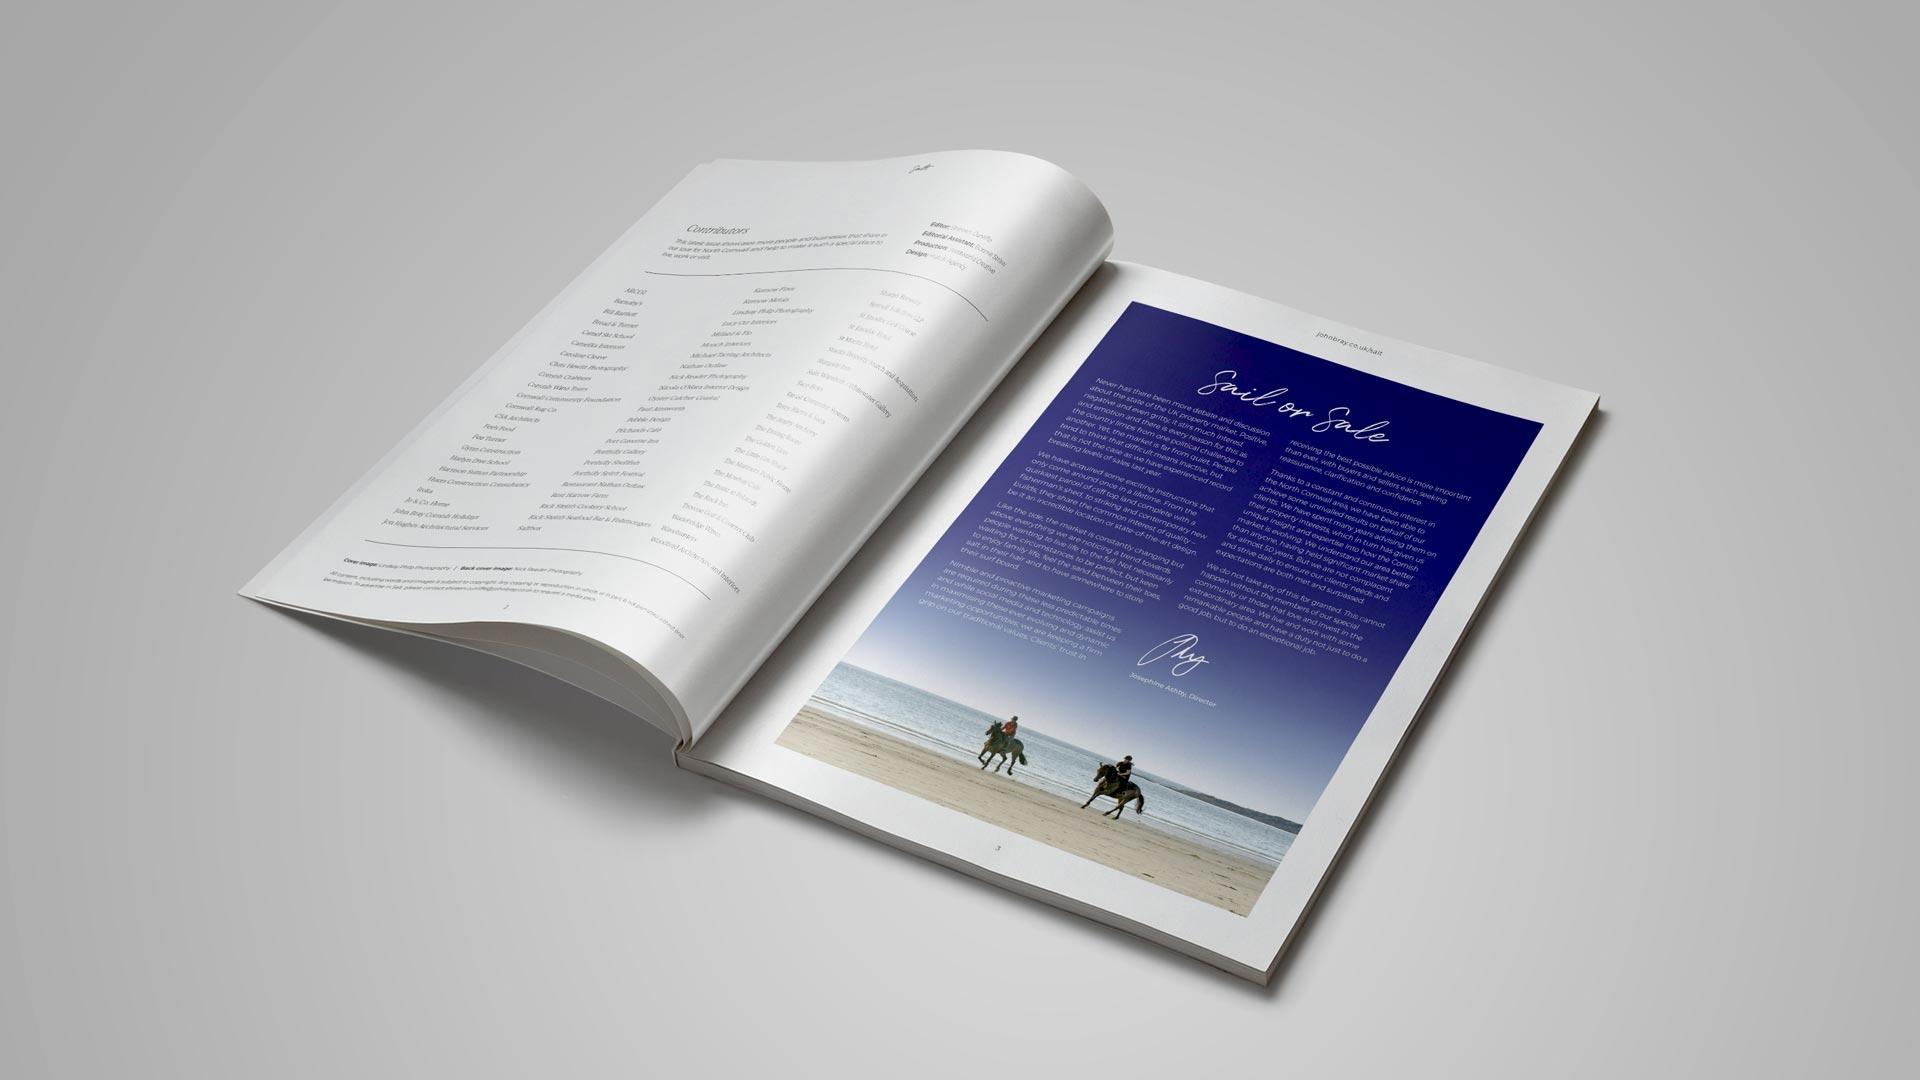 estate agents editorial design